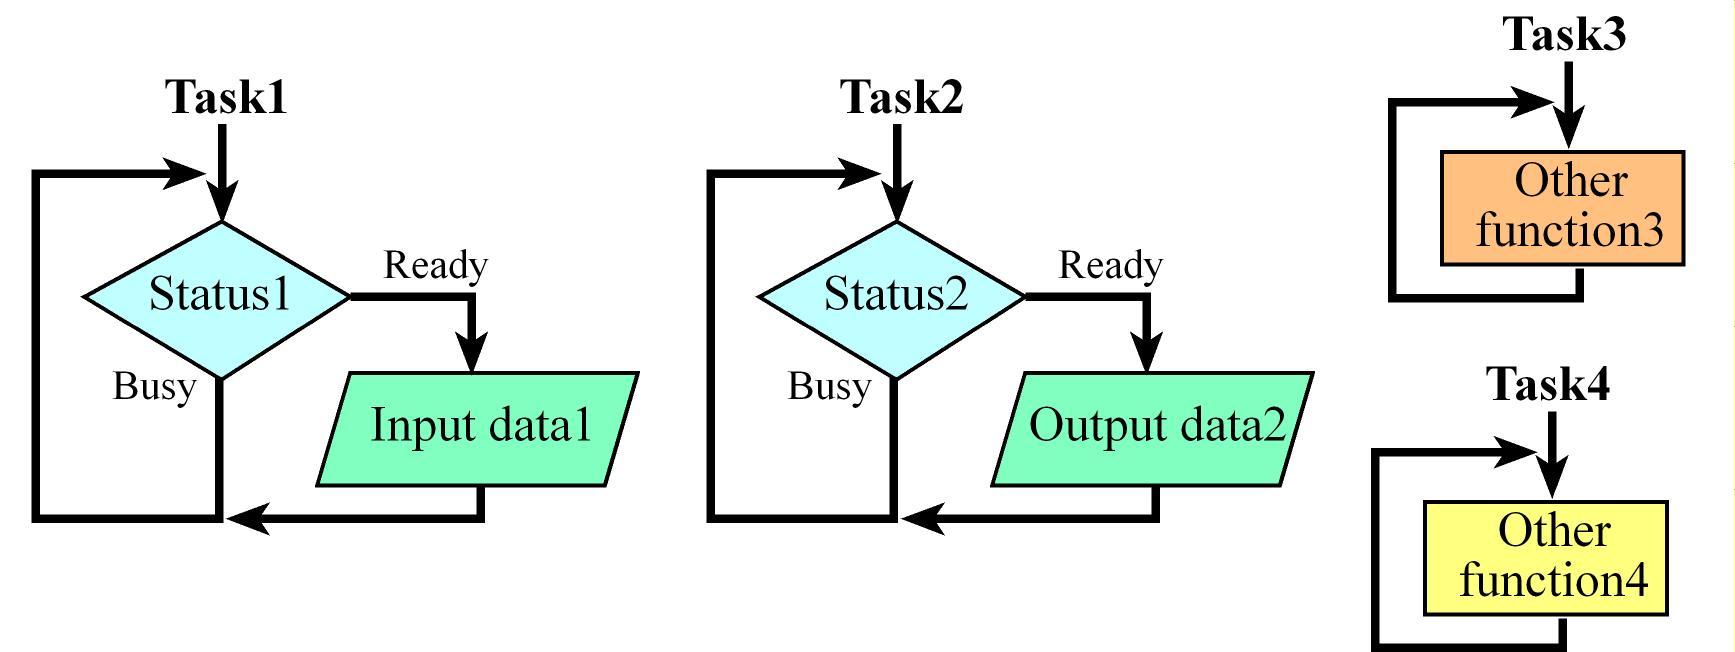 fht4 task 2